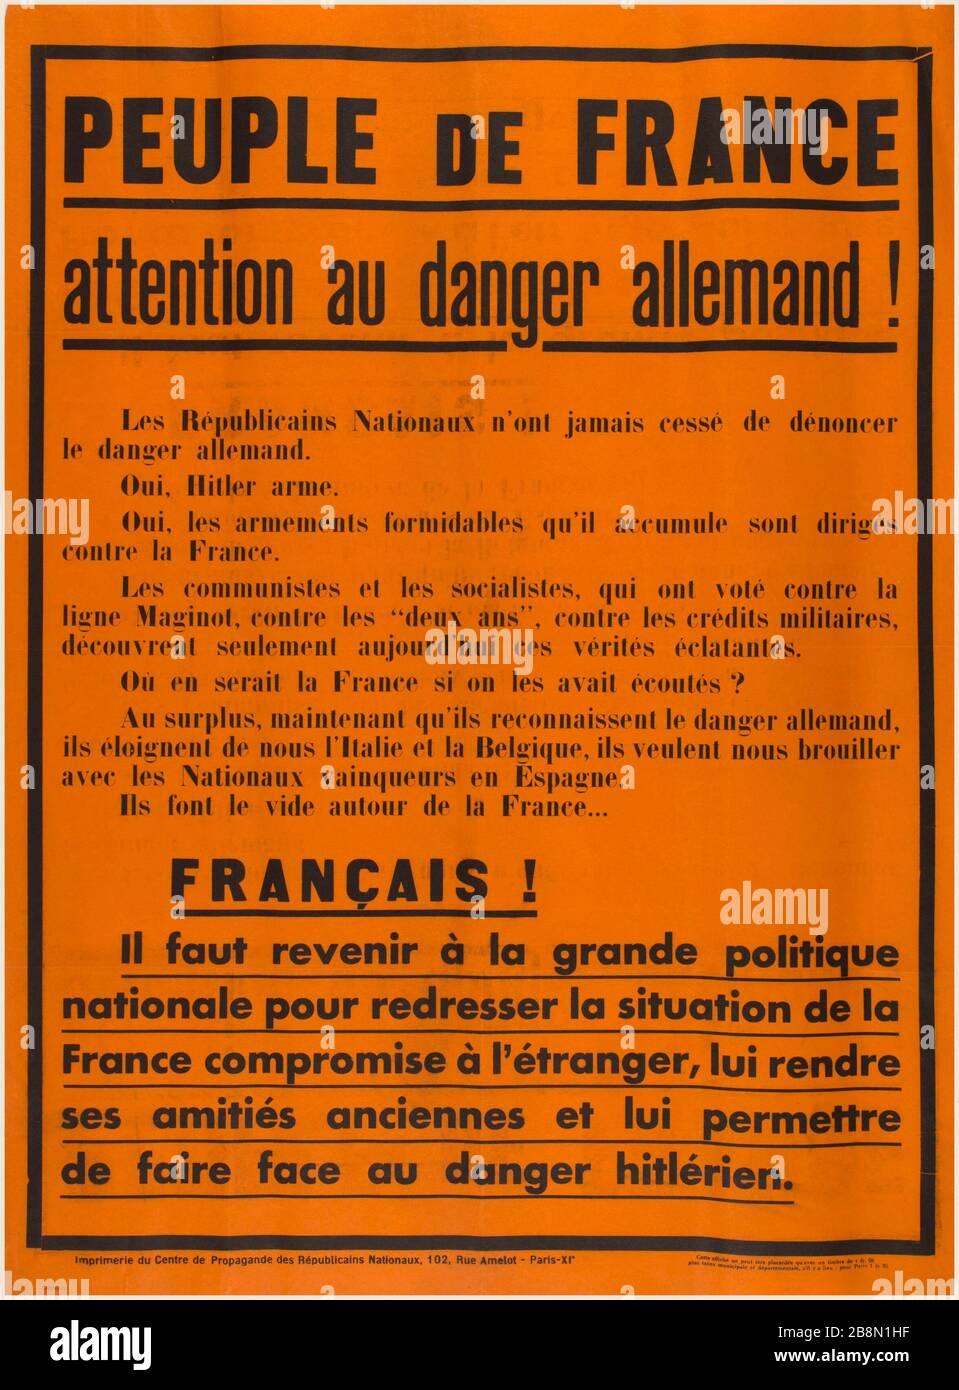 Pour La France En Danger : france, danger, PEOPLE, France,, German, Attention, Danger!, National, Republicans, Never, Ceased, Denounce, Danger.